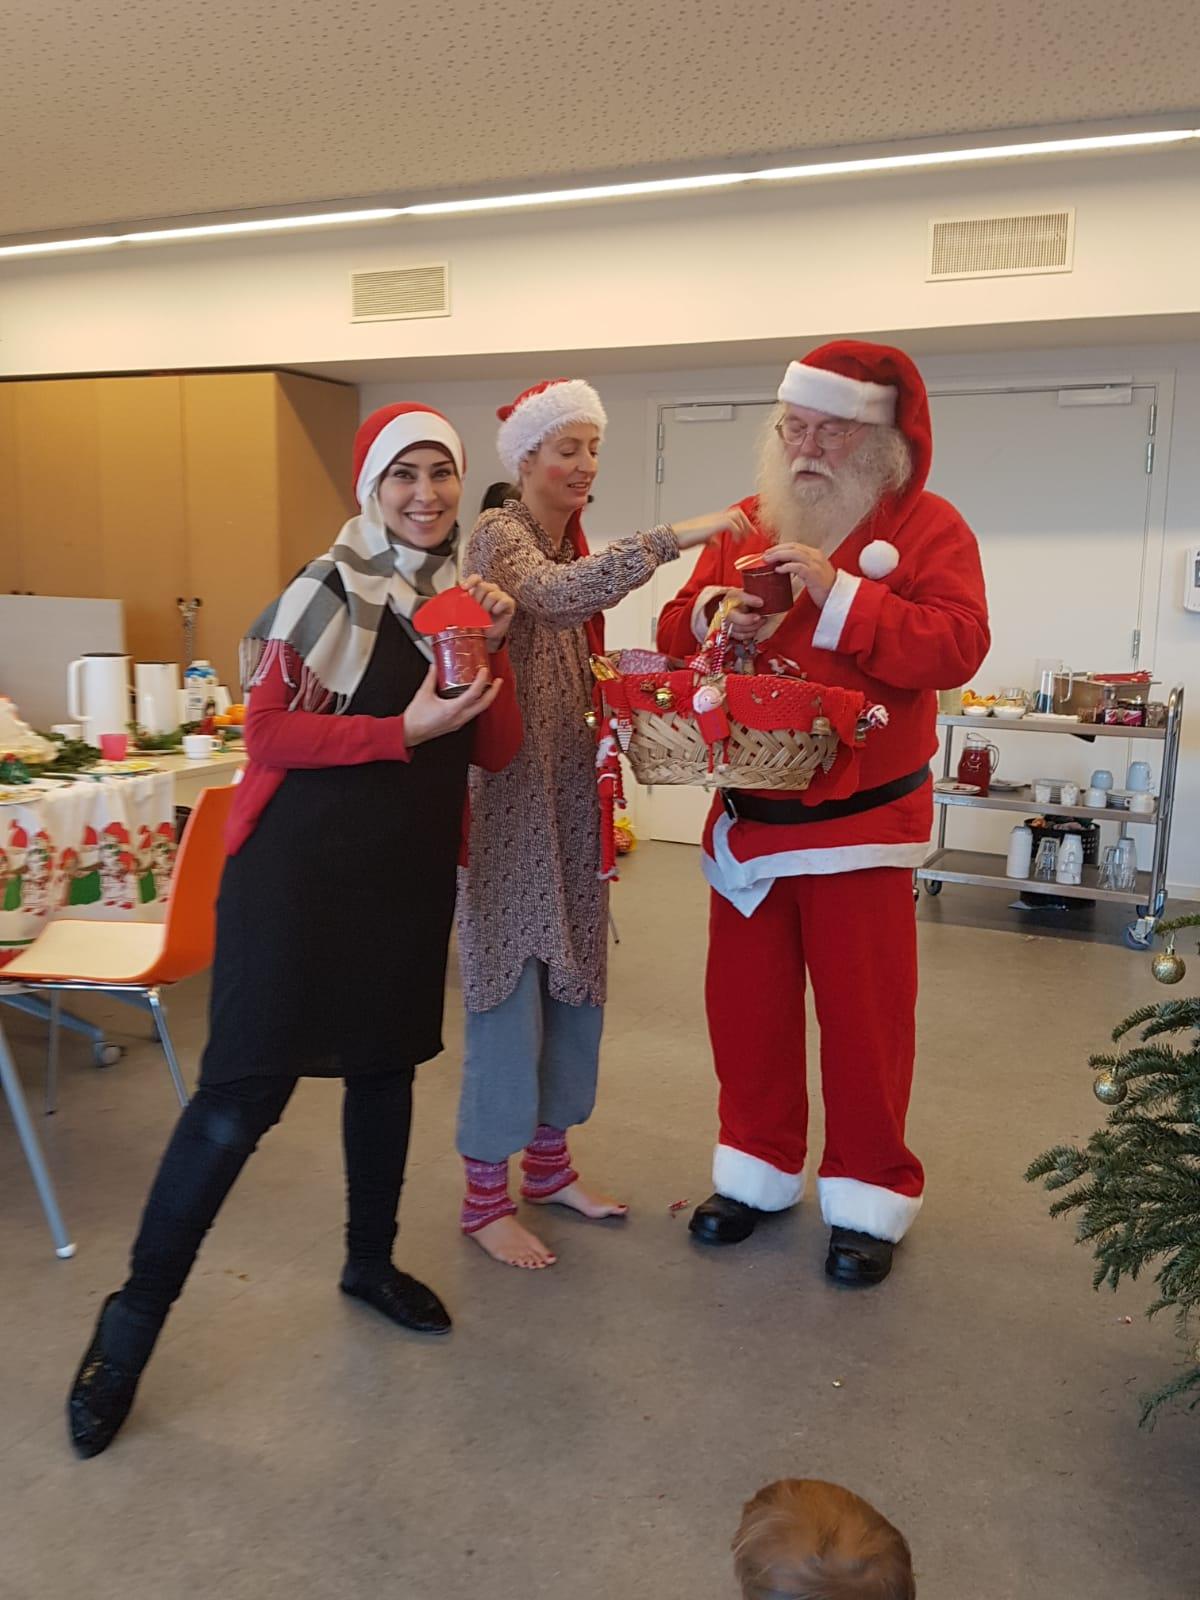 Julemanden kommer på besøg til Troldebold